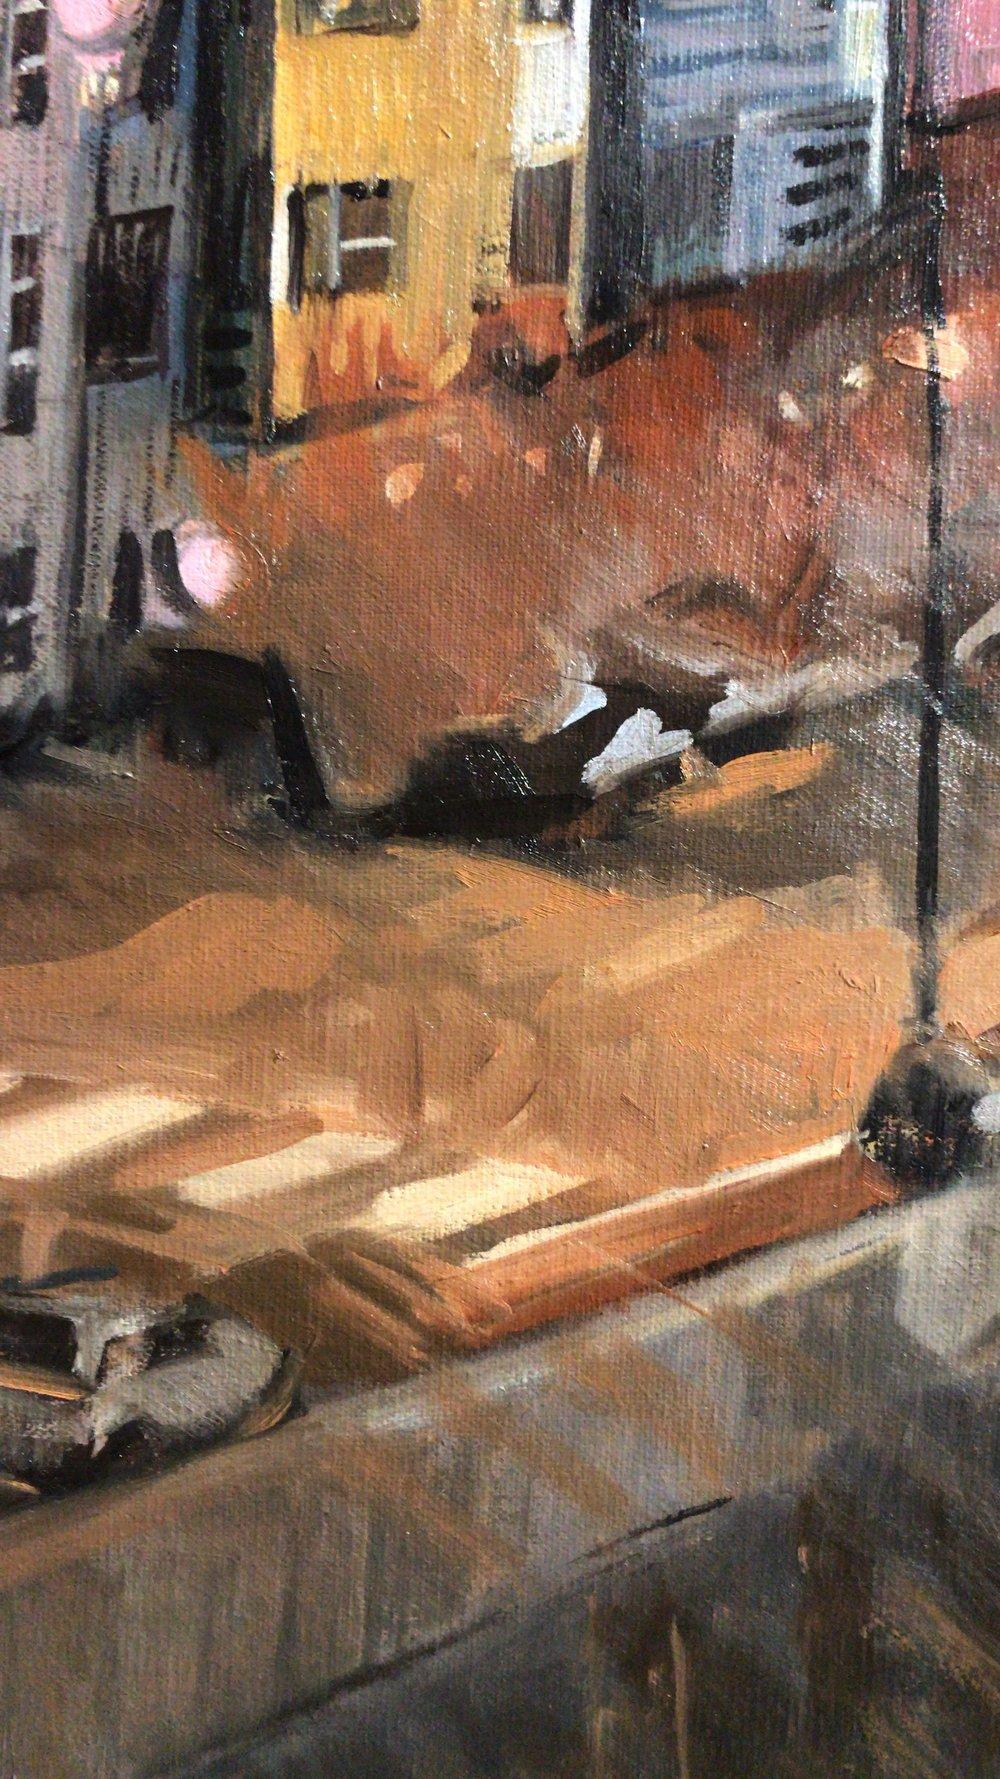 Denver scene, detail